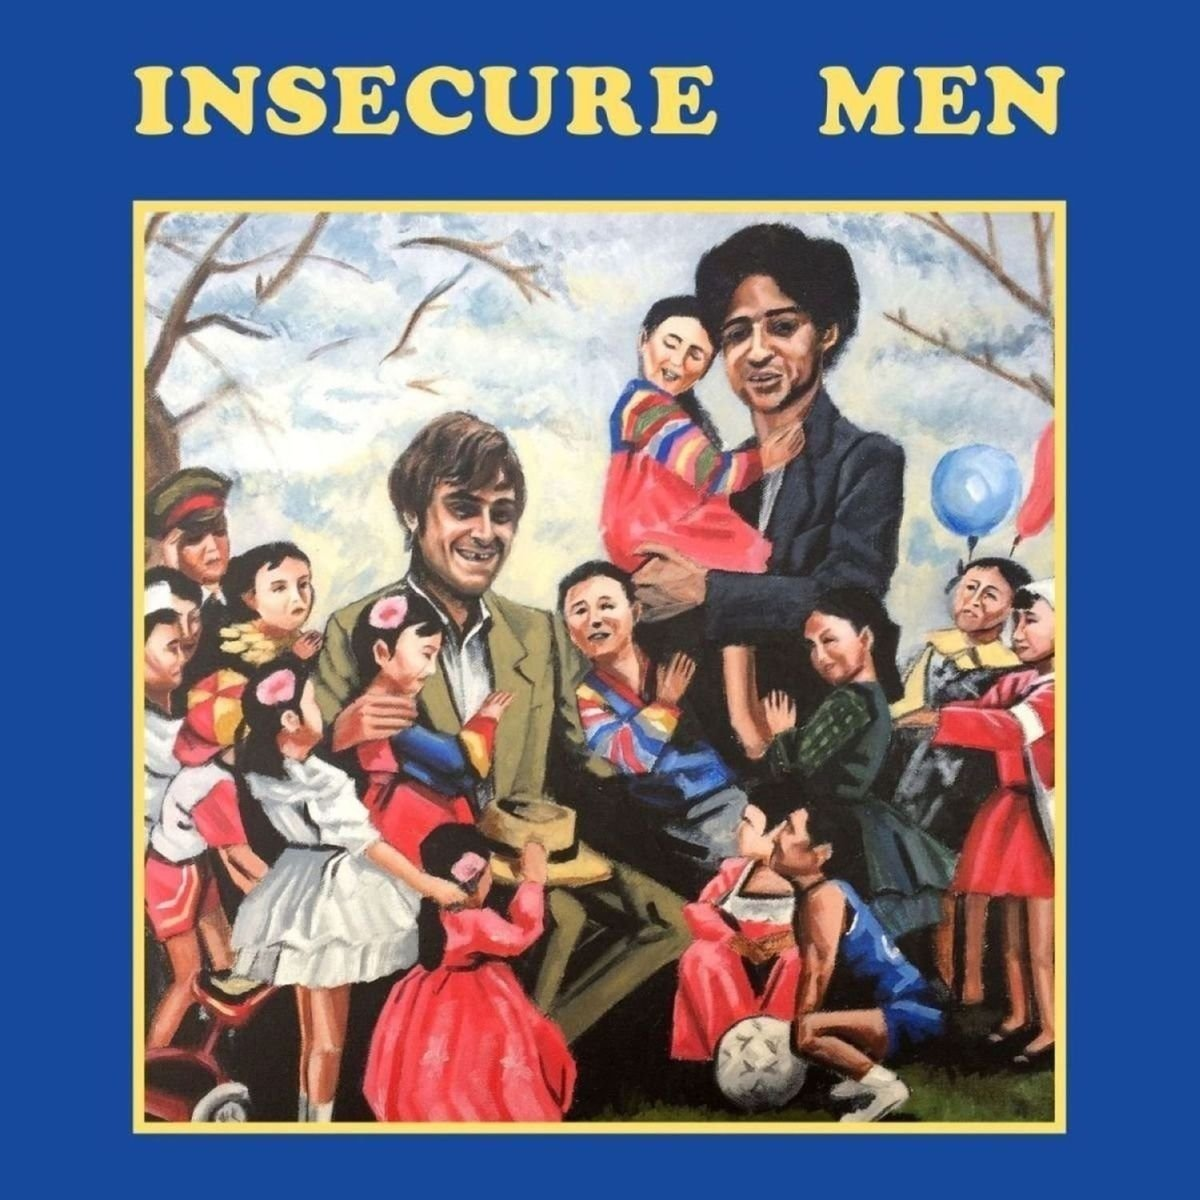 Vinilo : Insecure Men - Insecure Men (LP Vinyl)